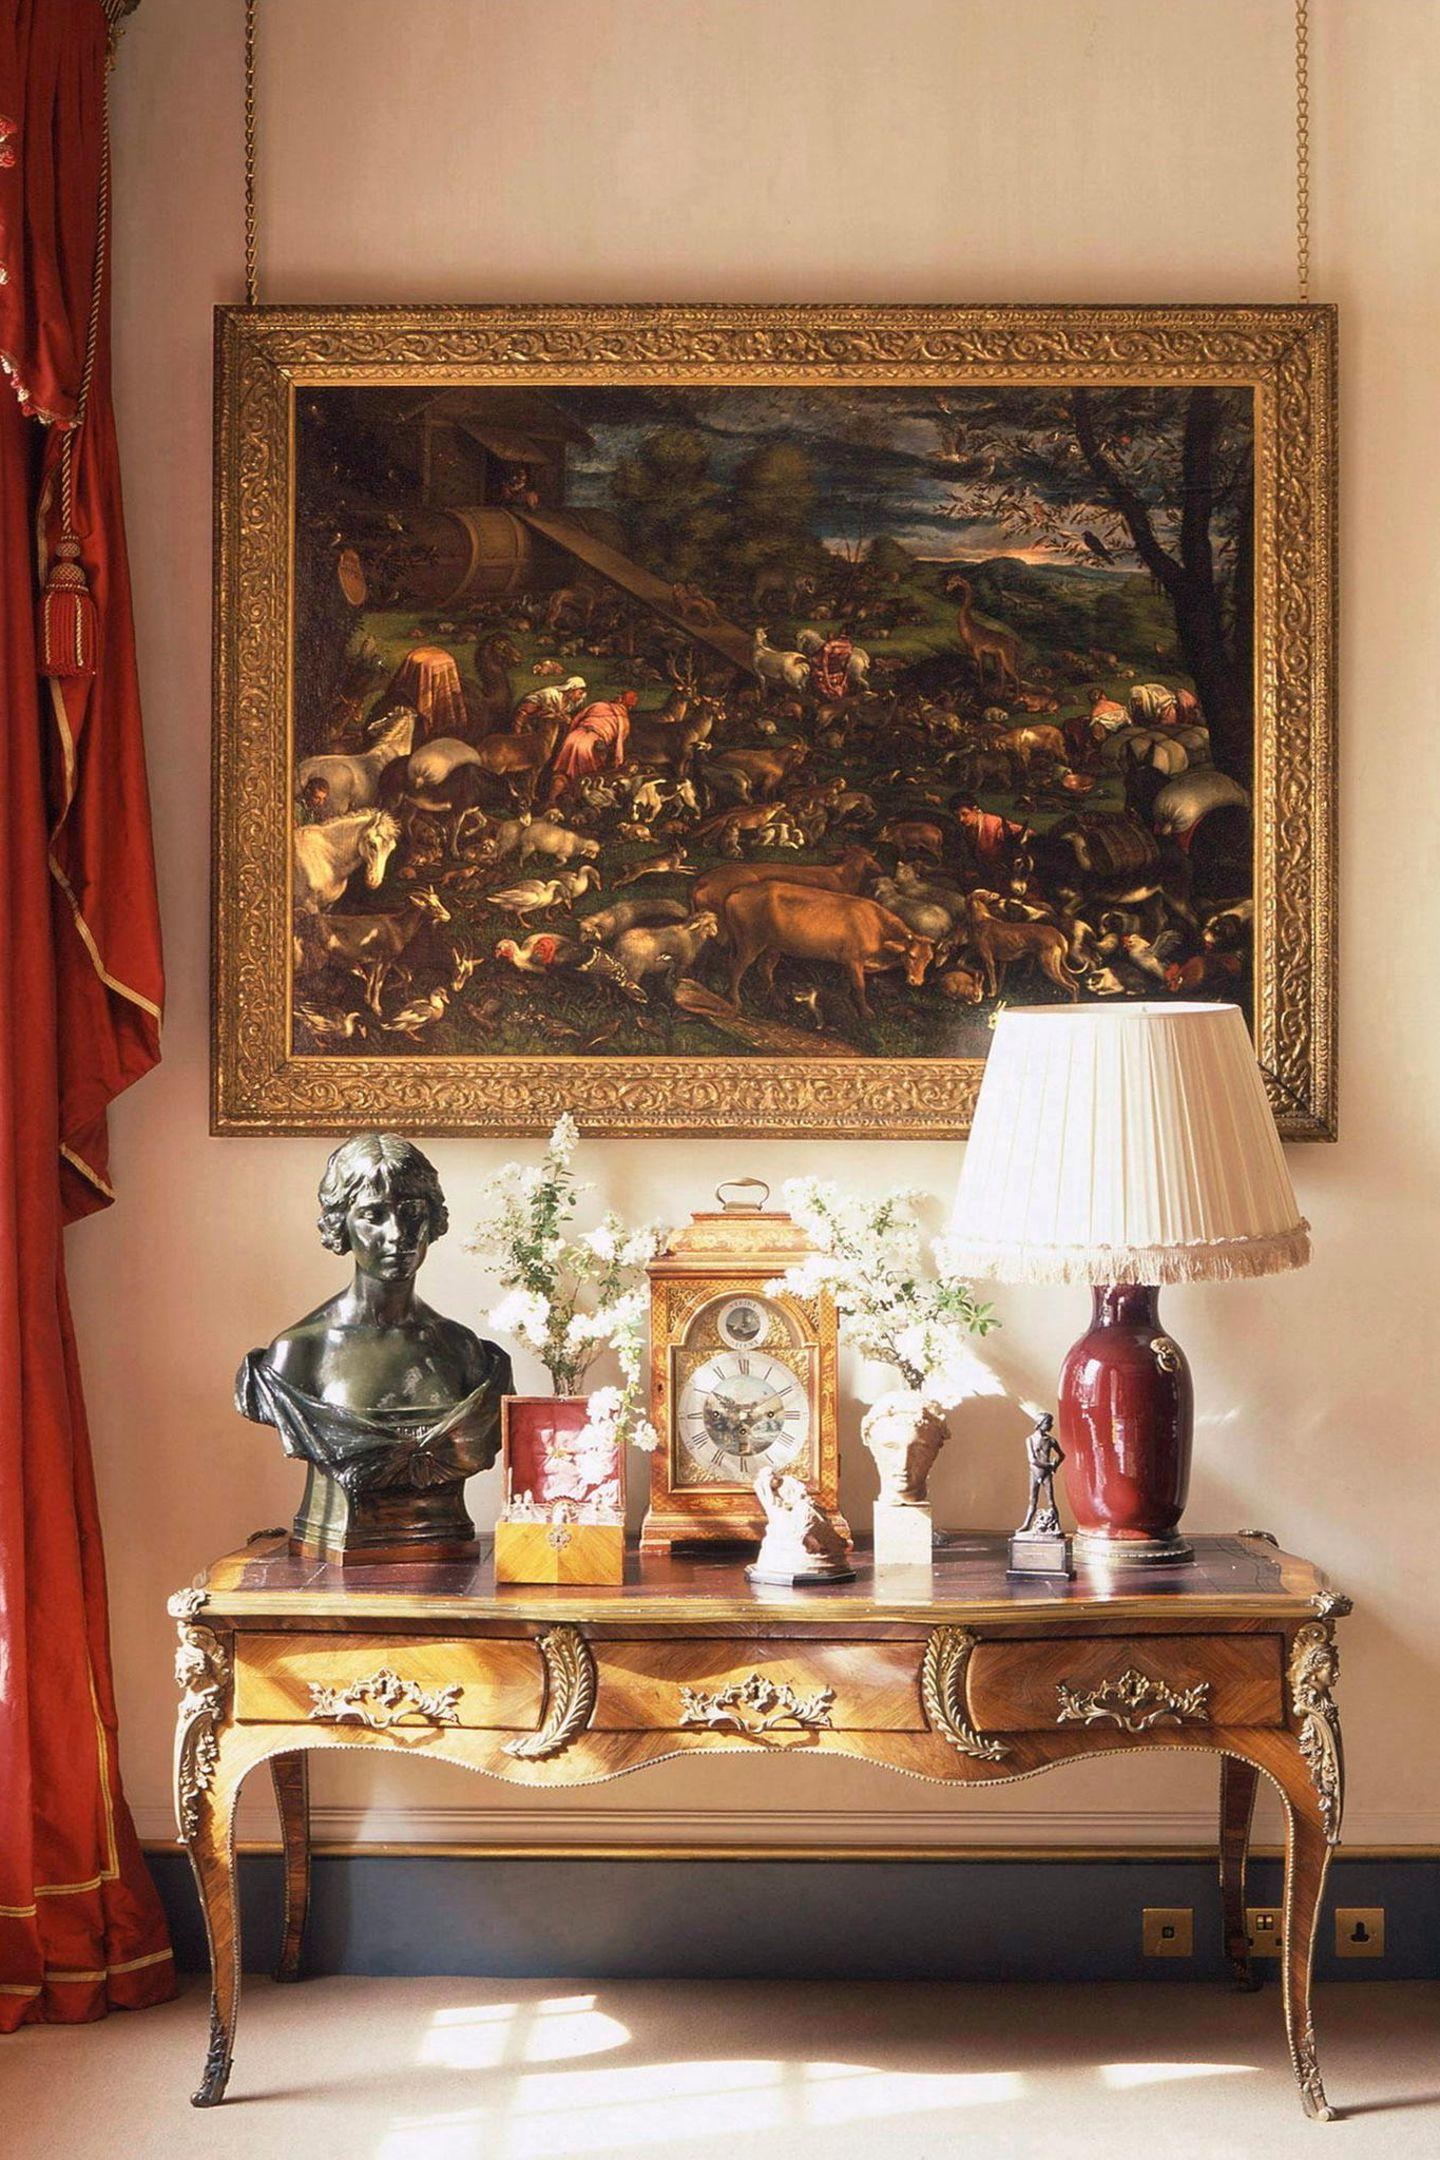 Camilla und Charles mögen es in ihrem Zuhause nicht steril. Stattdessen zieren Blumen, Antiquitäten, Statuen und eine Lampe einen Beistelltisch in einer der vielen Räume des Hauses. Übrigens:Das Gebäude liegt in der City of Westminster im Westen Londons an der Prachtstraße The Mall unweit vom Buckingham Palace.